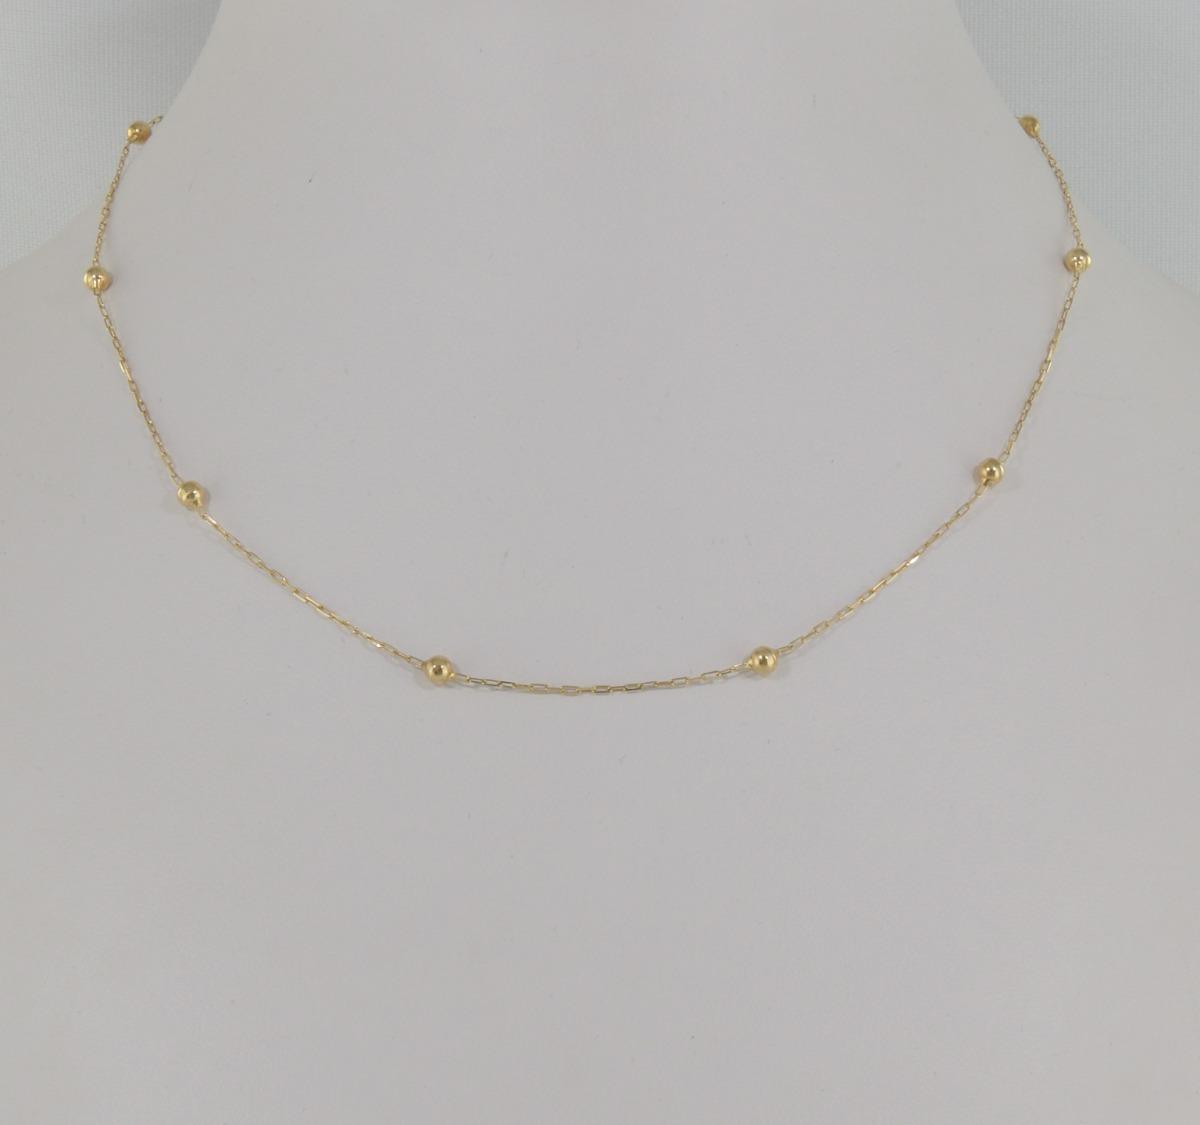 d20b0a62d95 gargantilha cartier bolinhas 40 cm ouro 18k cordão colar. Carregando zoom.